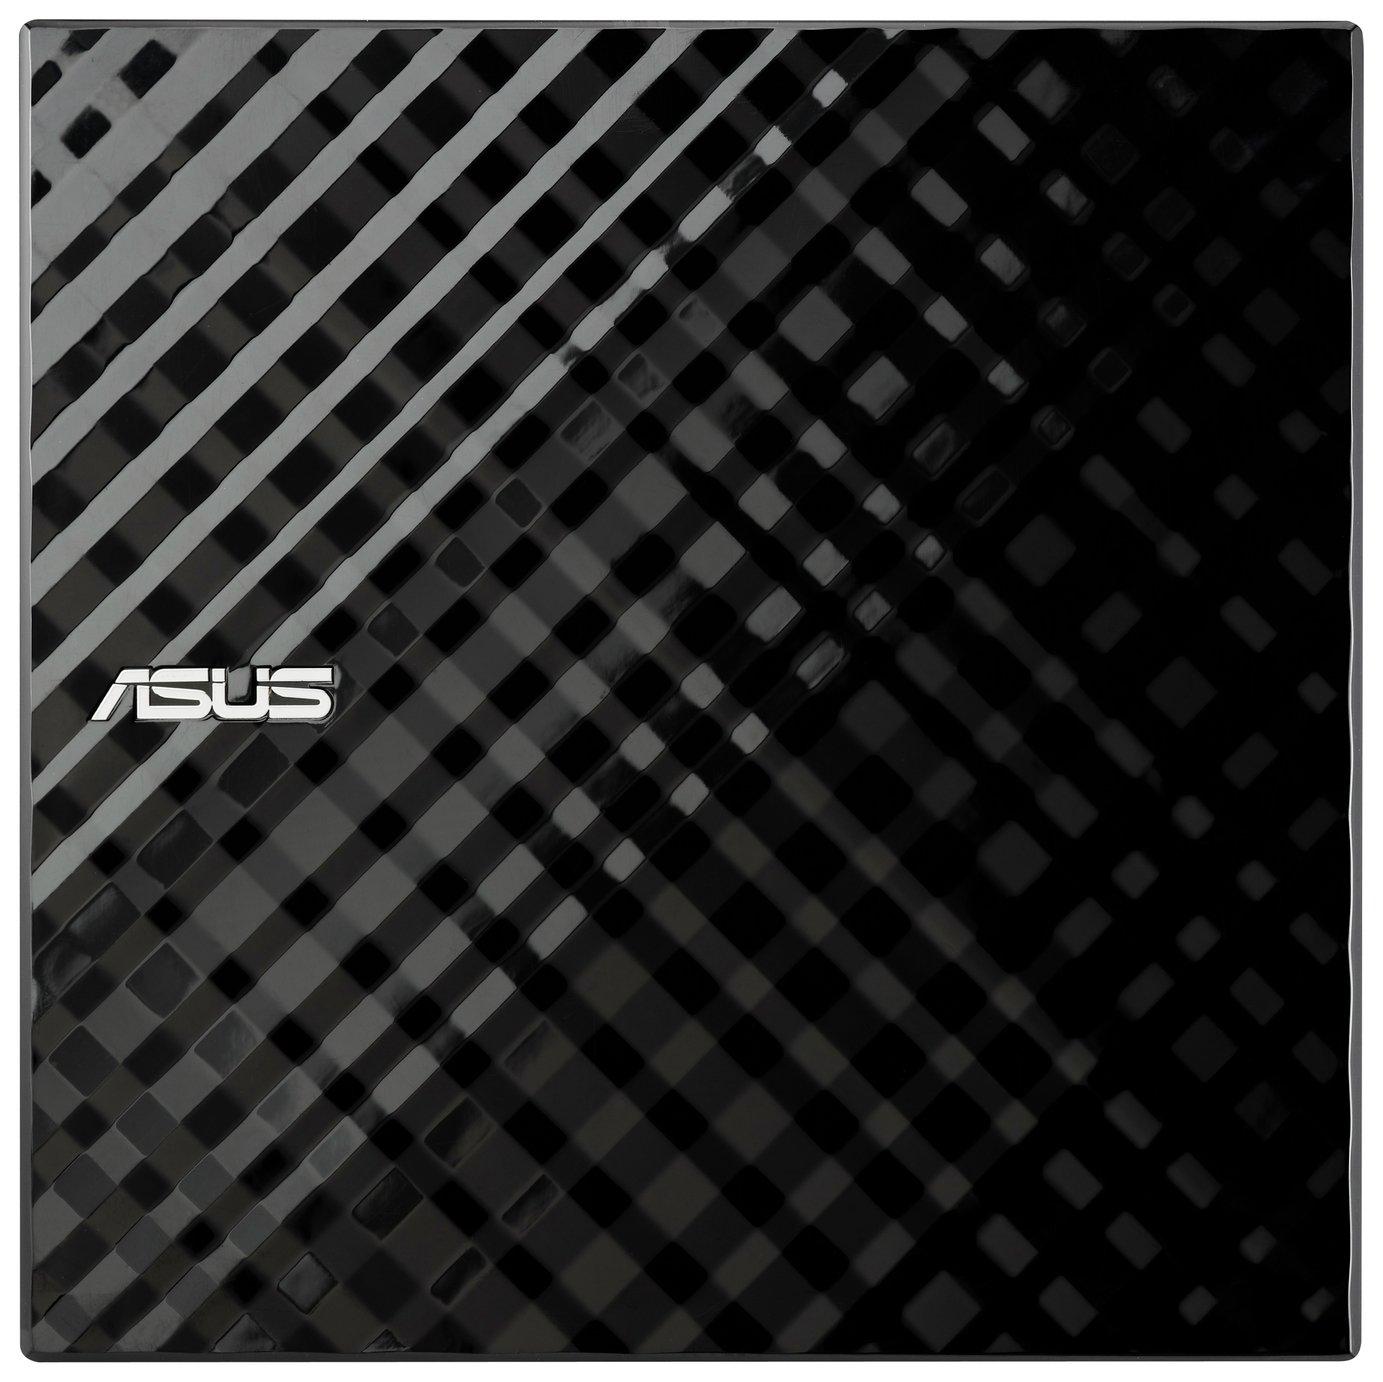 Asus Slim External DVD Writer - Black